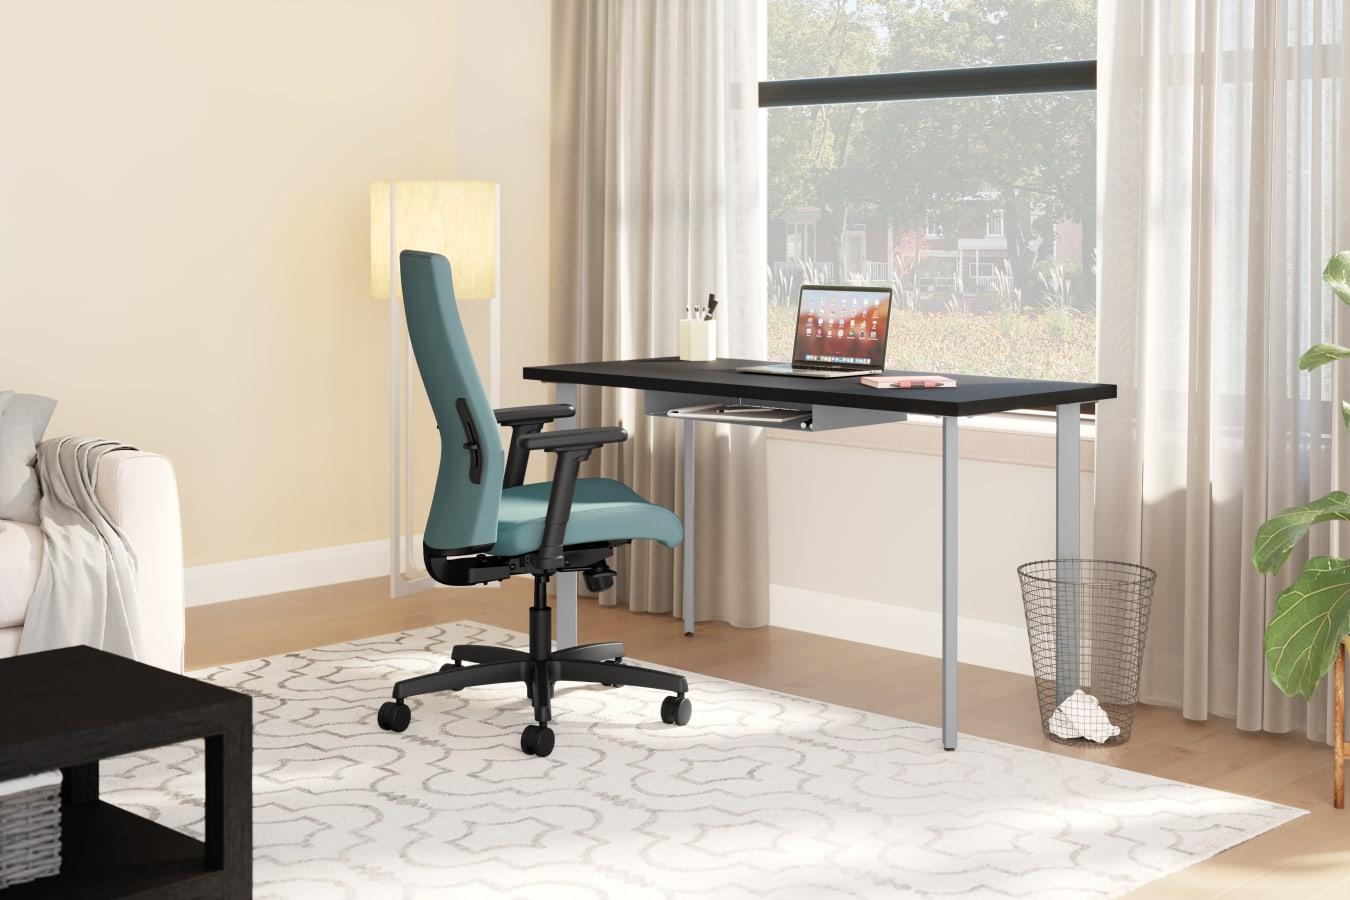 HON/Desks/Coze/HON-Coze-500-022